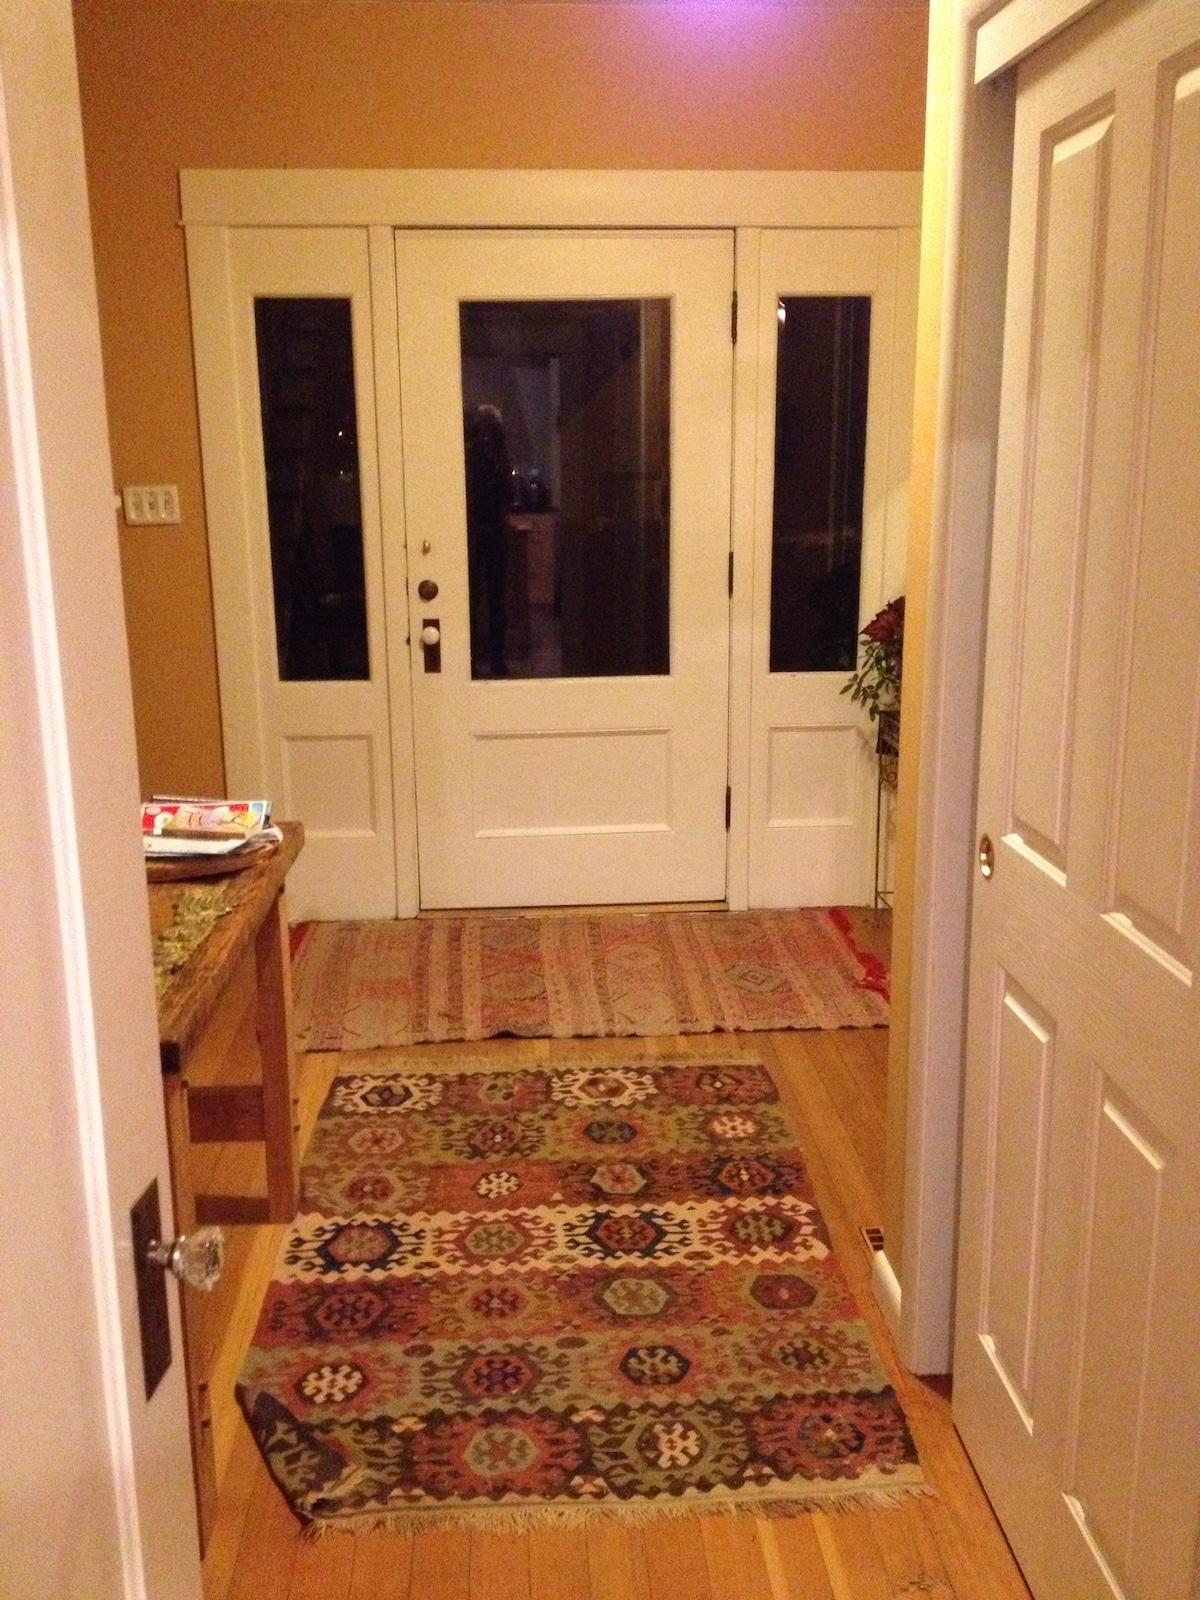 Private, sunny room in farmhouse